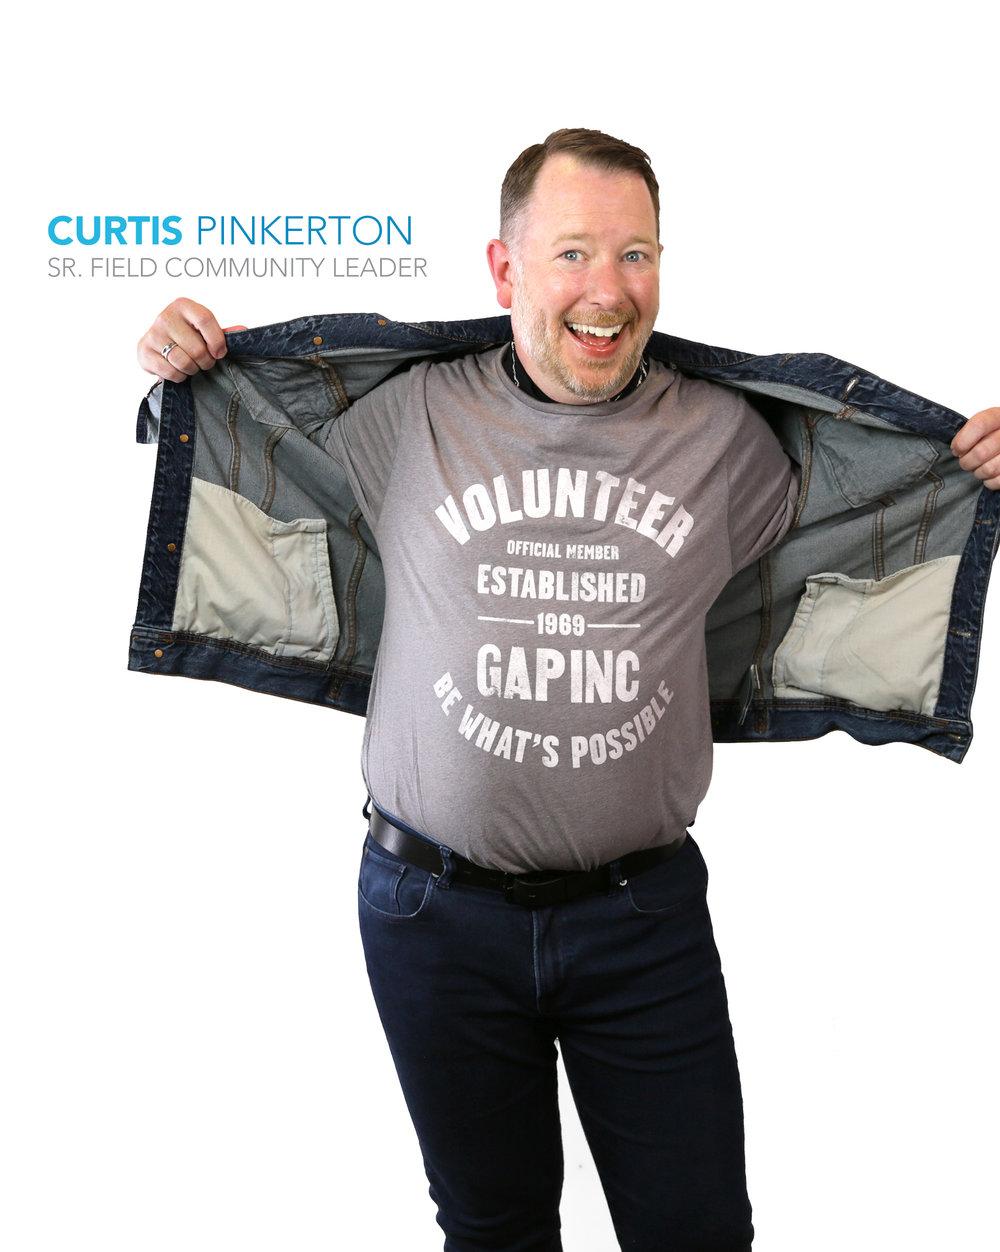 Curtis Pinkerton Gap Inc.